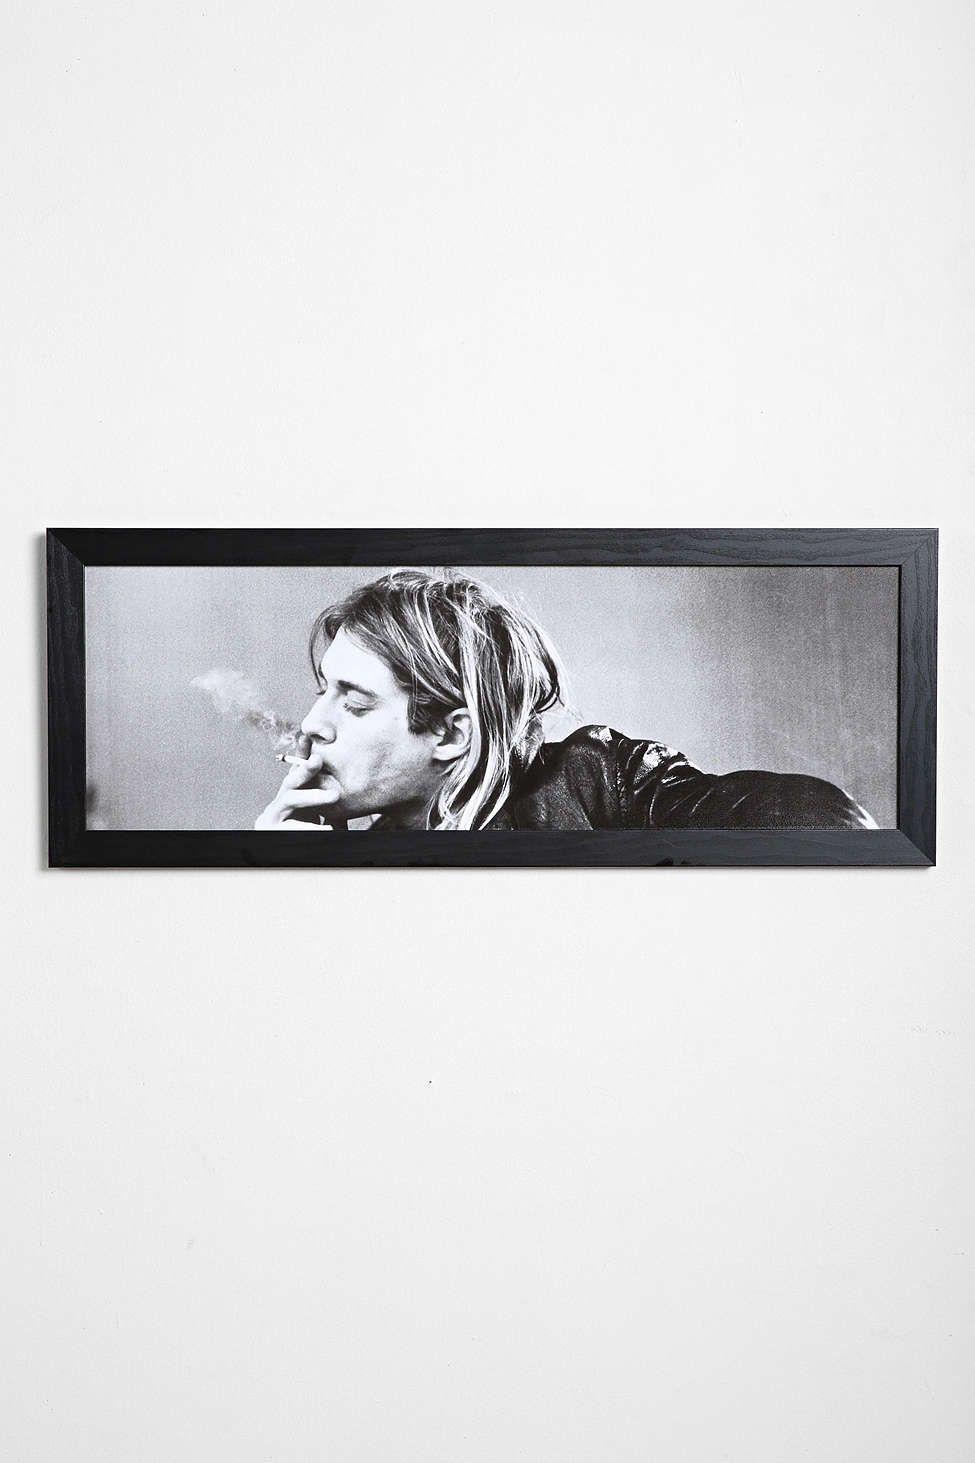 Kurt Cobain Framed Wall Art | Framed wall art, Walls and Flats